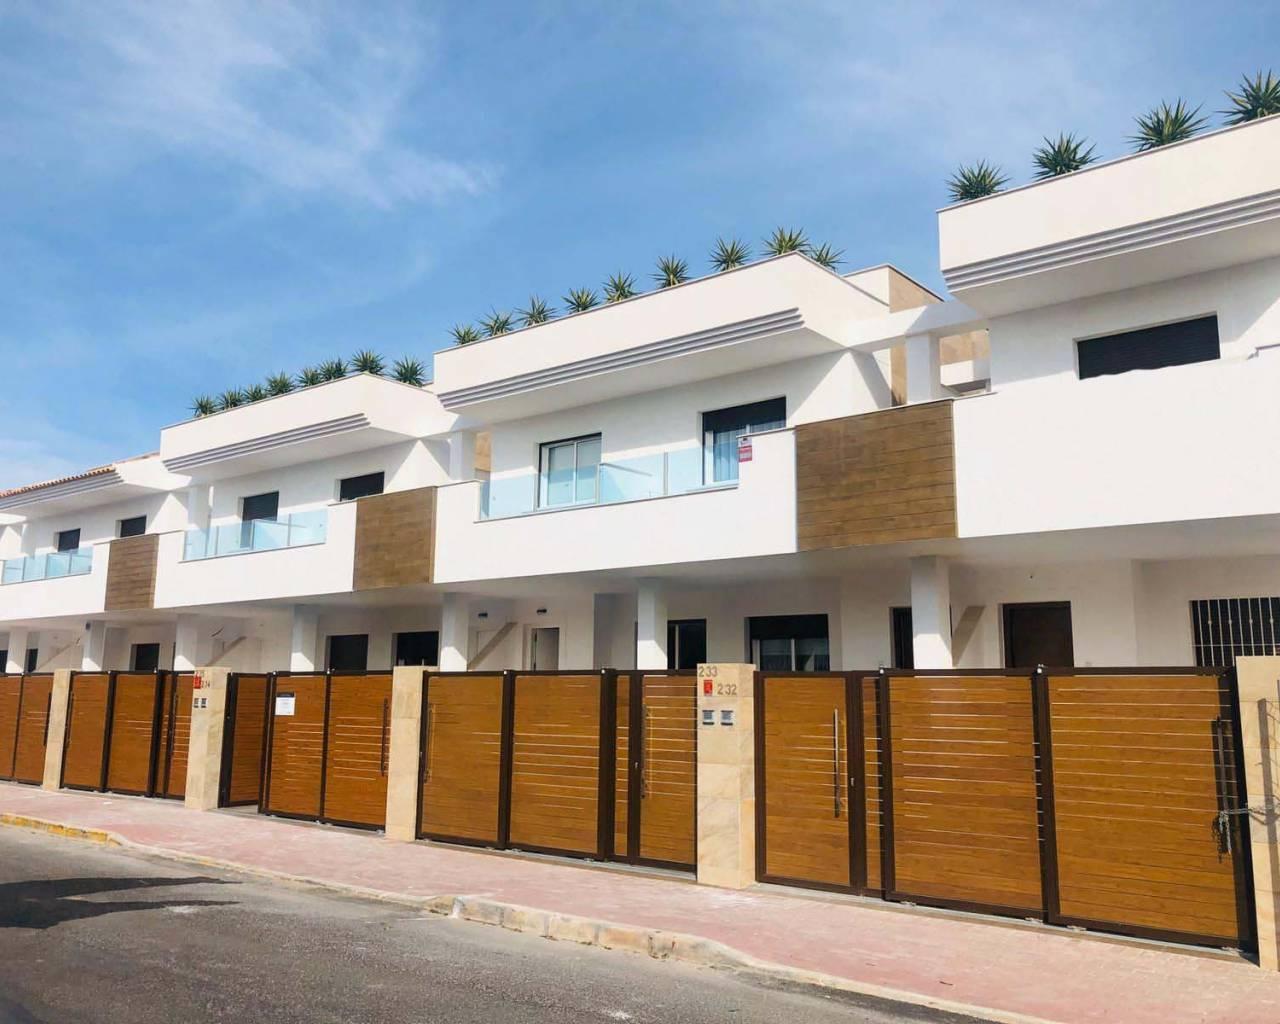 nieuwbouw-geschakelde-woning-duplex-torrevieja-los-balcones_5341_xl